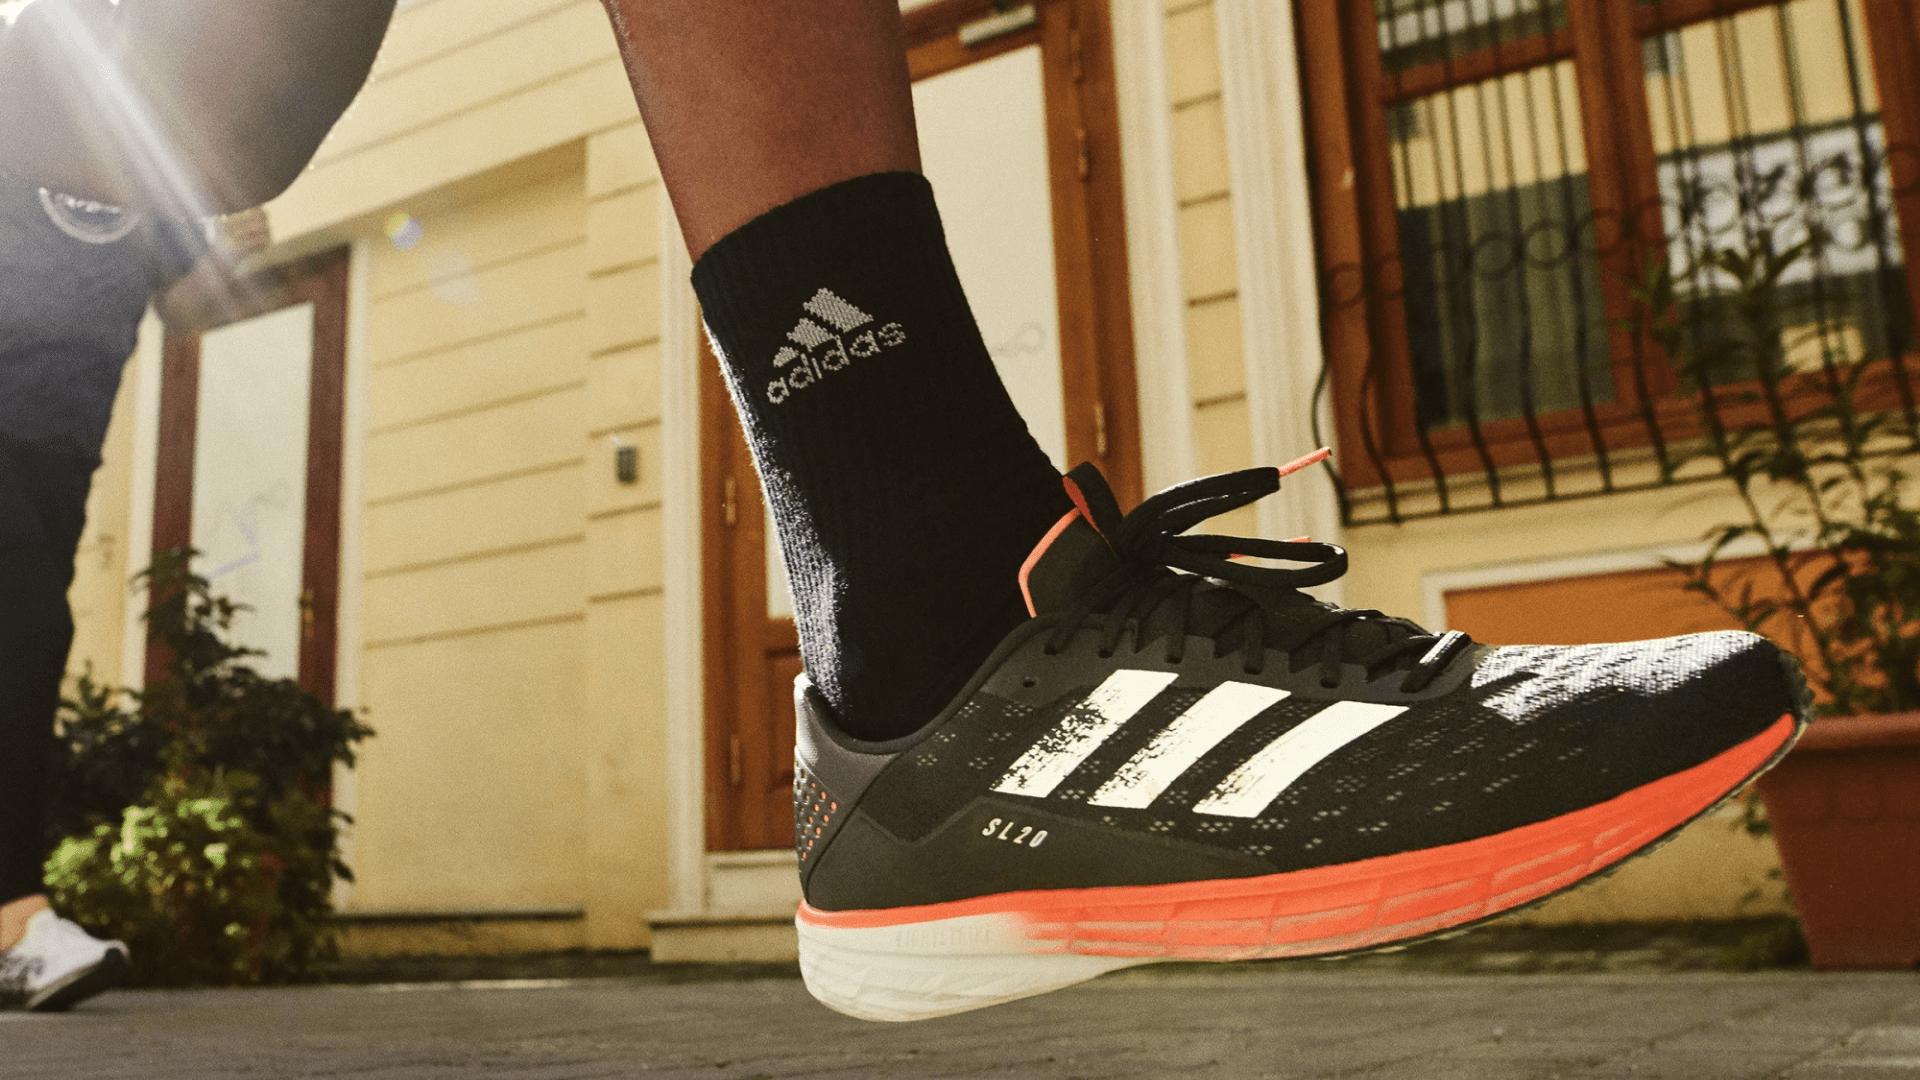 O Adidas SL20 é um tênis com amortecimento confortável para a corrida (Imagem: Divulgação/Adidas)